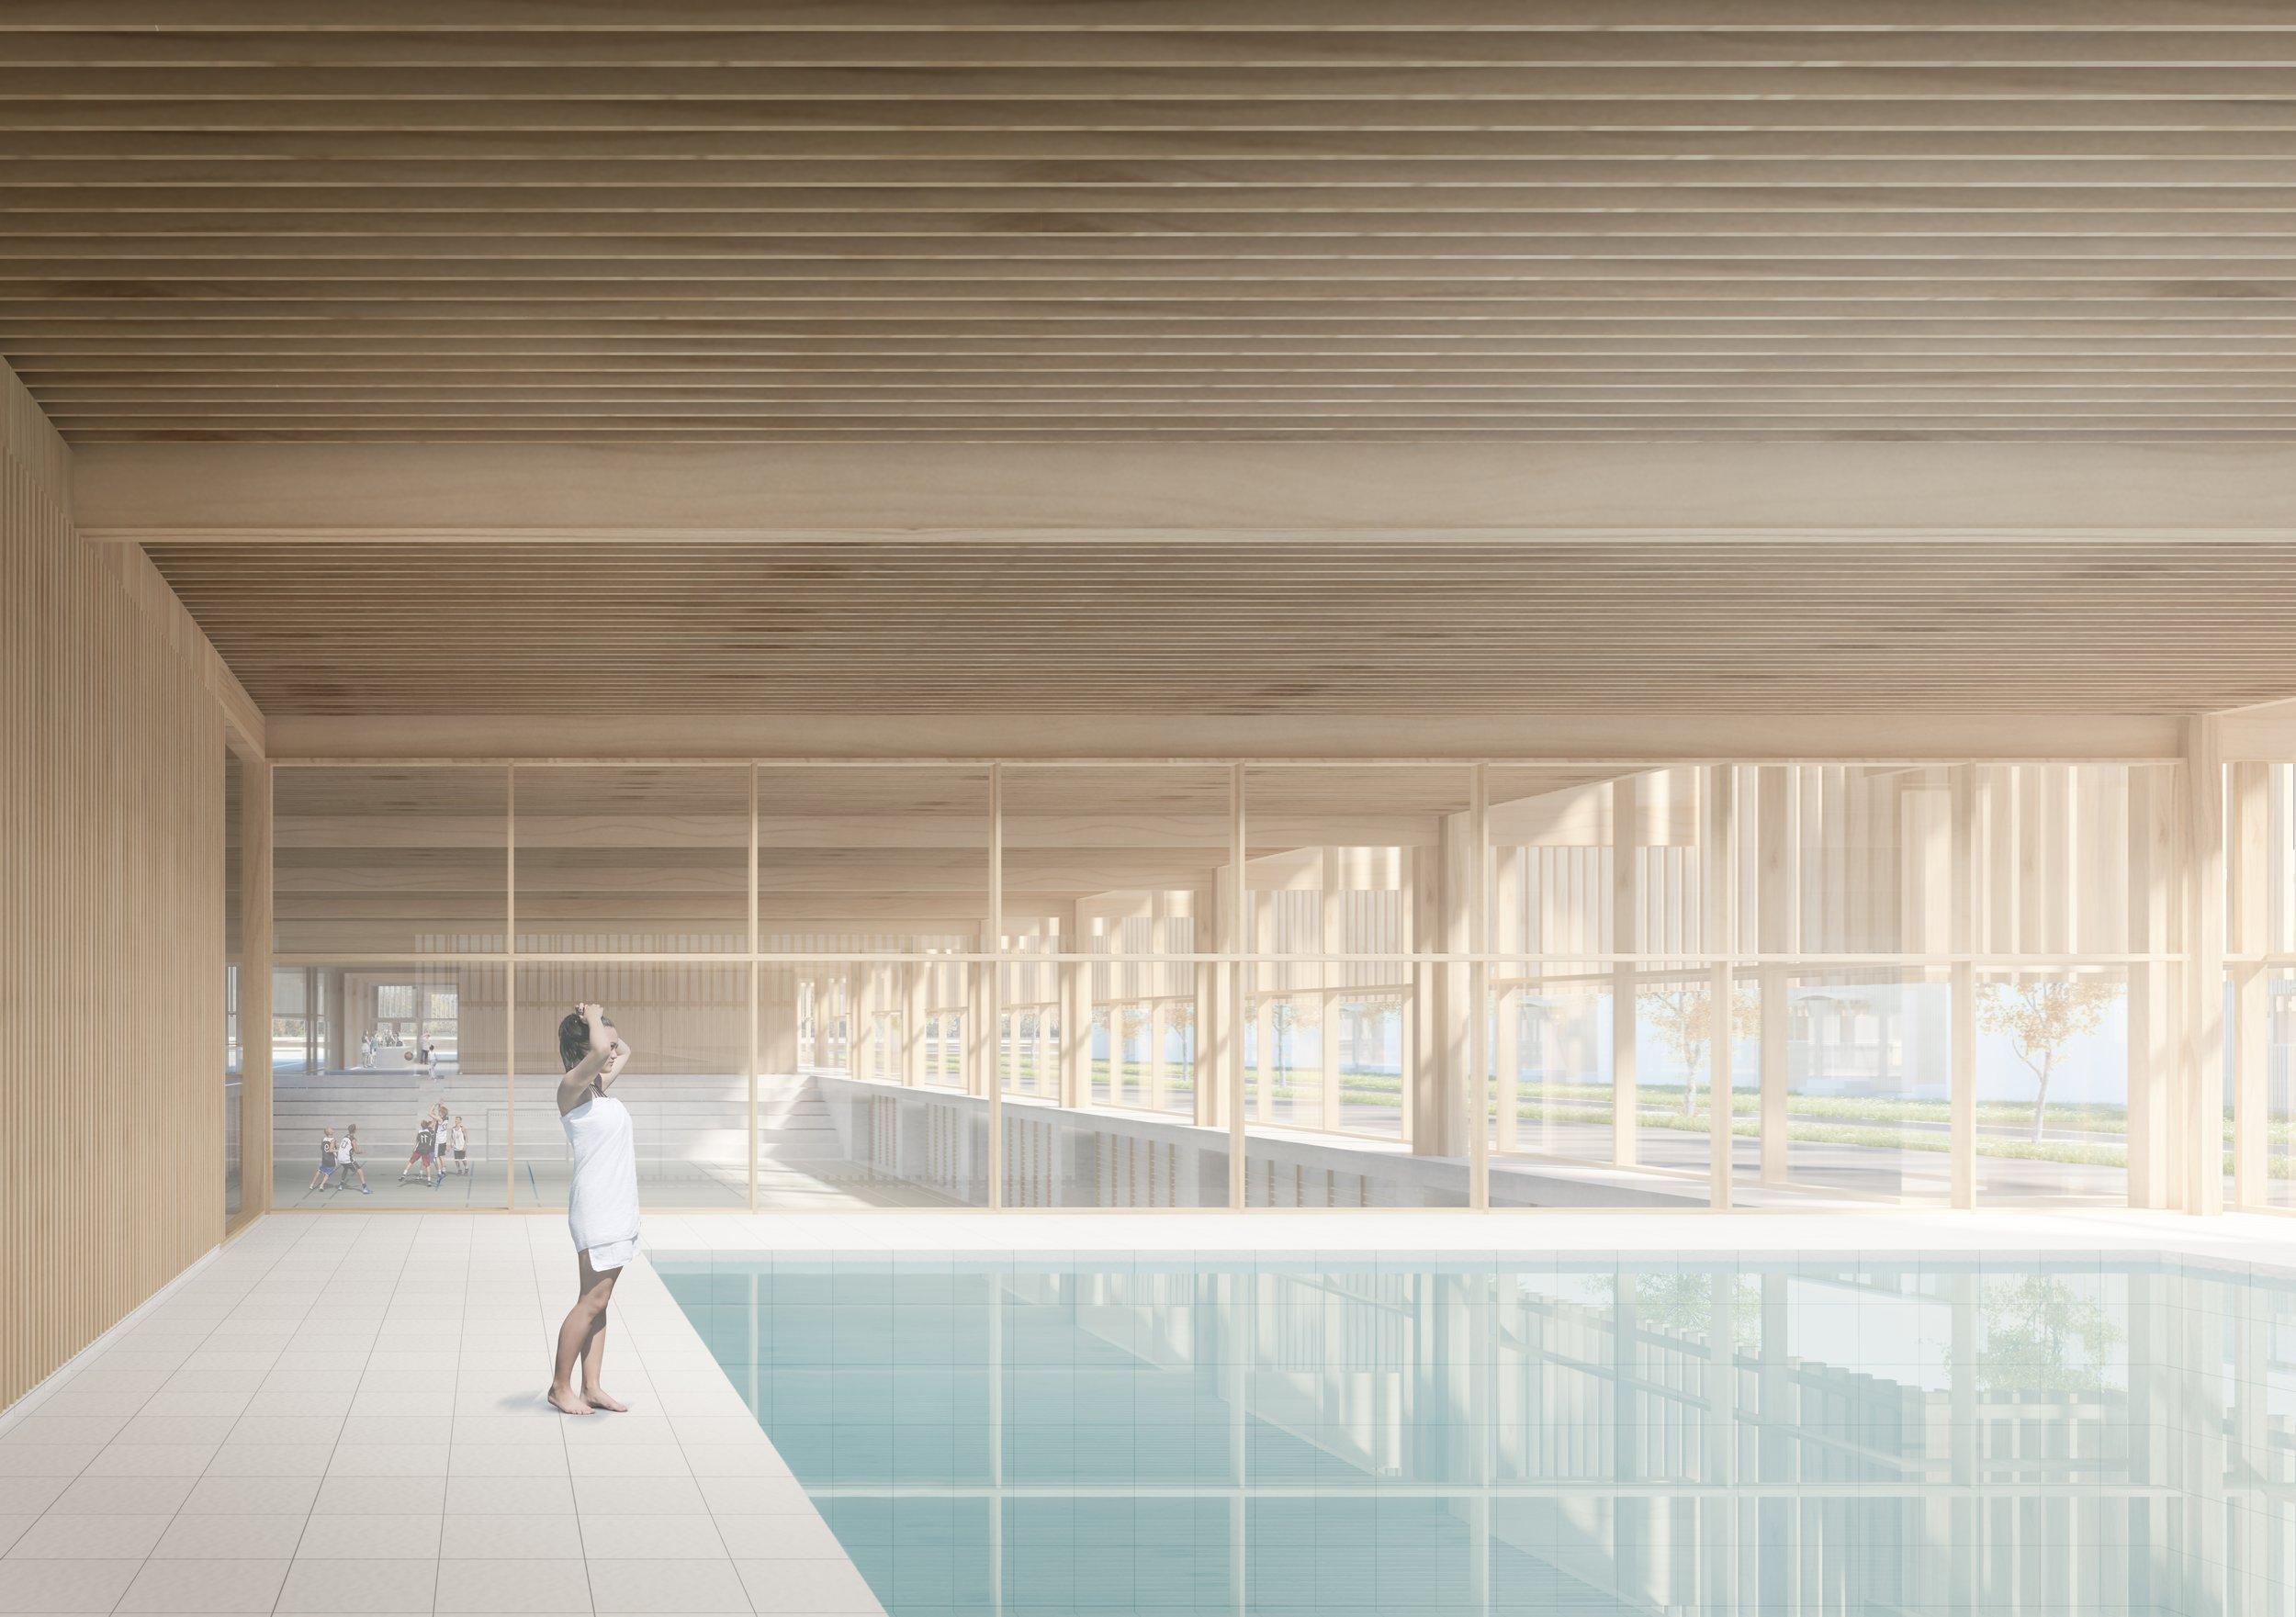 svømmehal_02.jpg